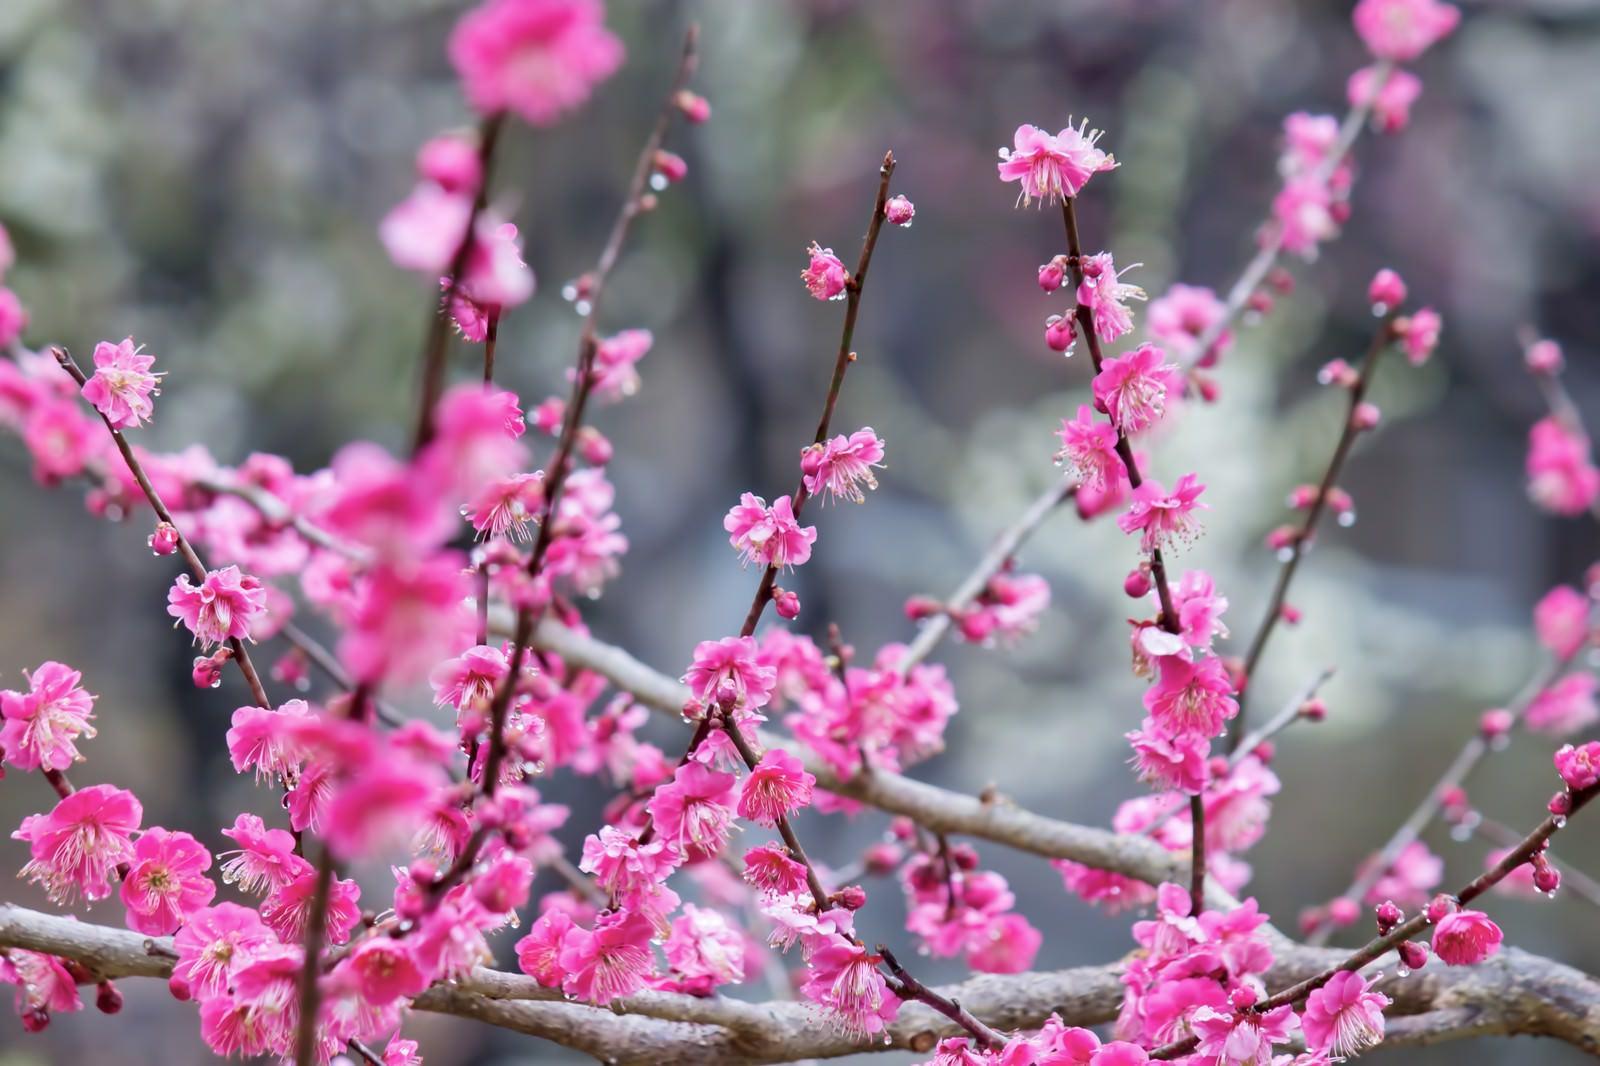 「ピンクの梅の花(雨)ピンクの梅の花(雨)」のフリー写真素材を拡大